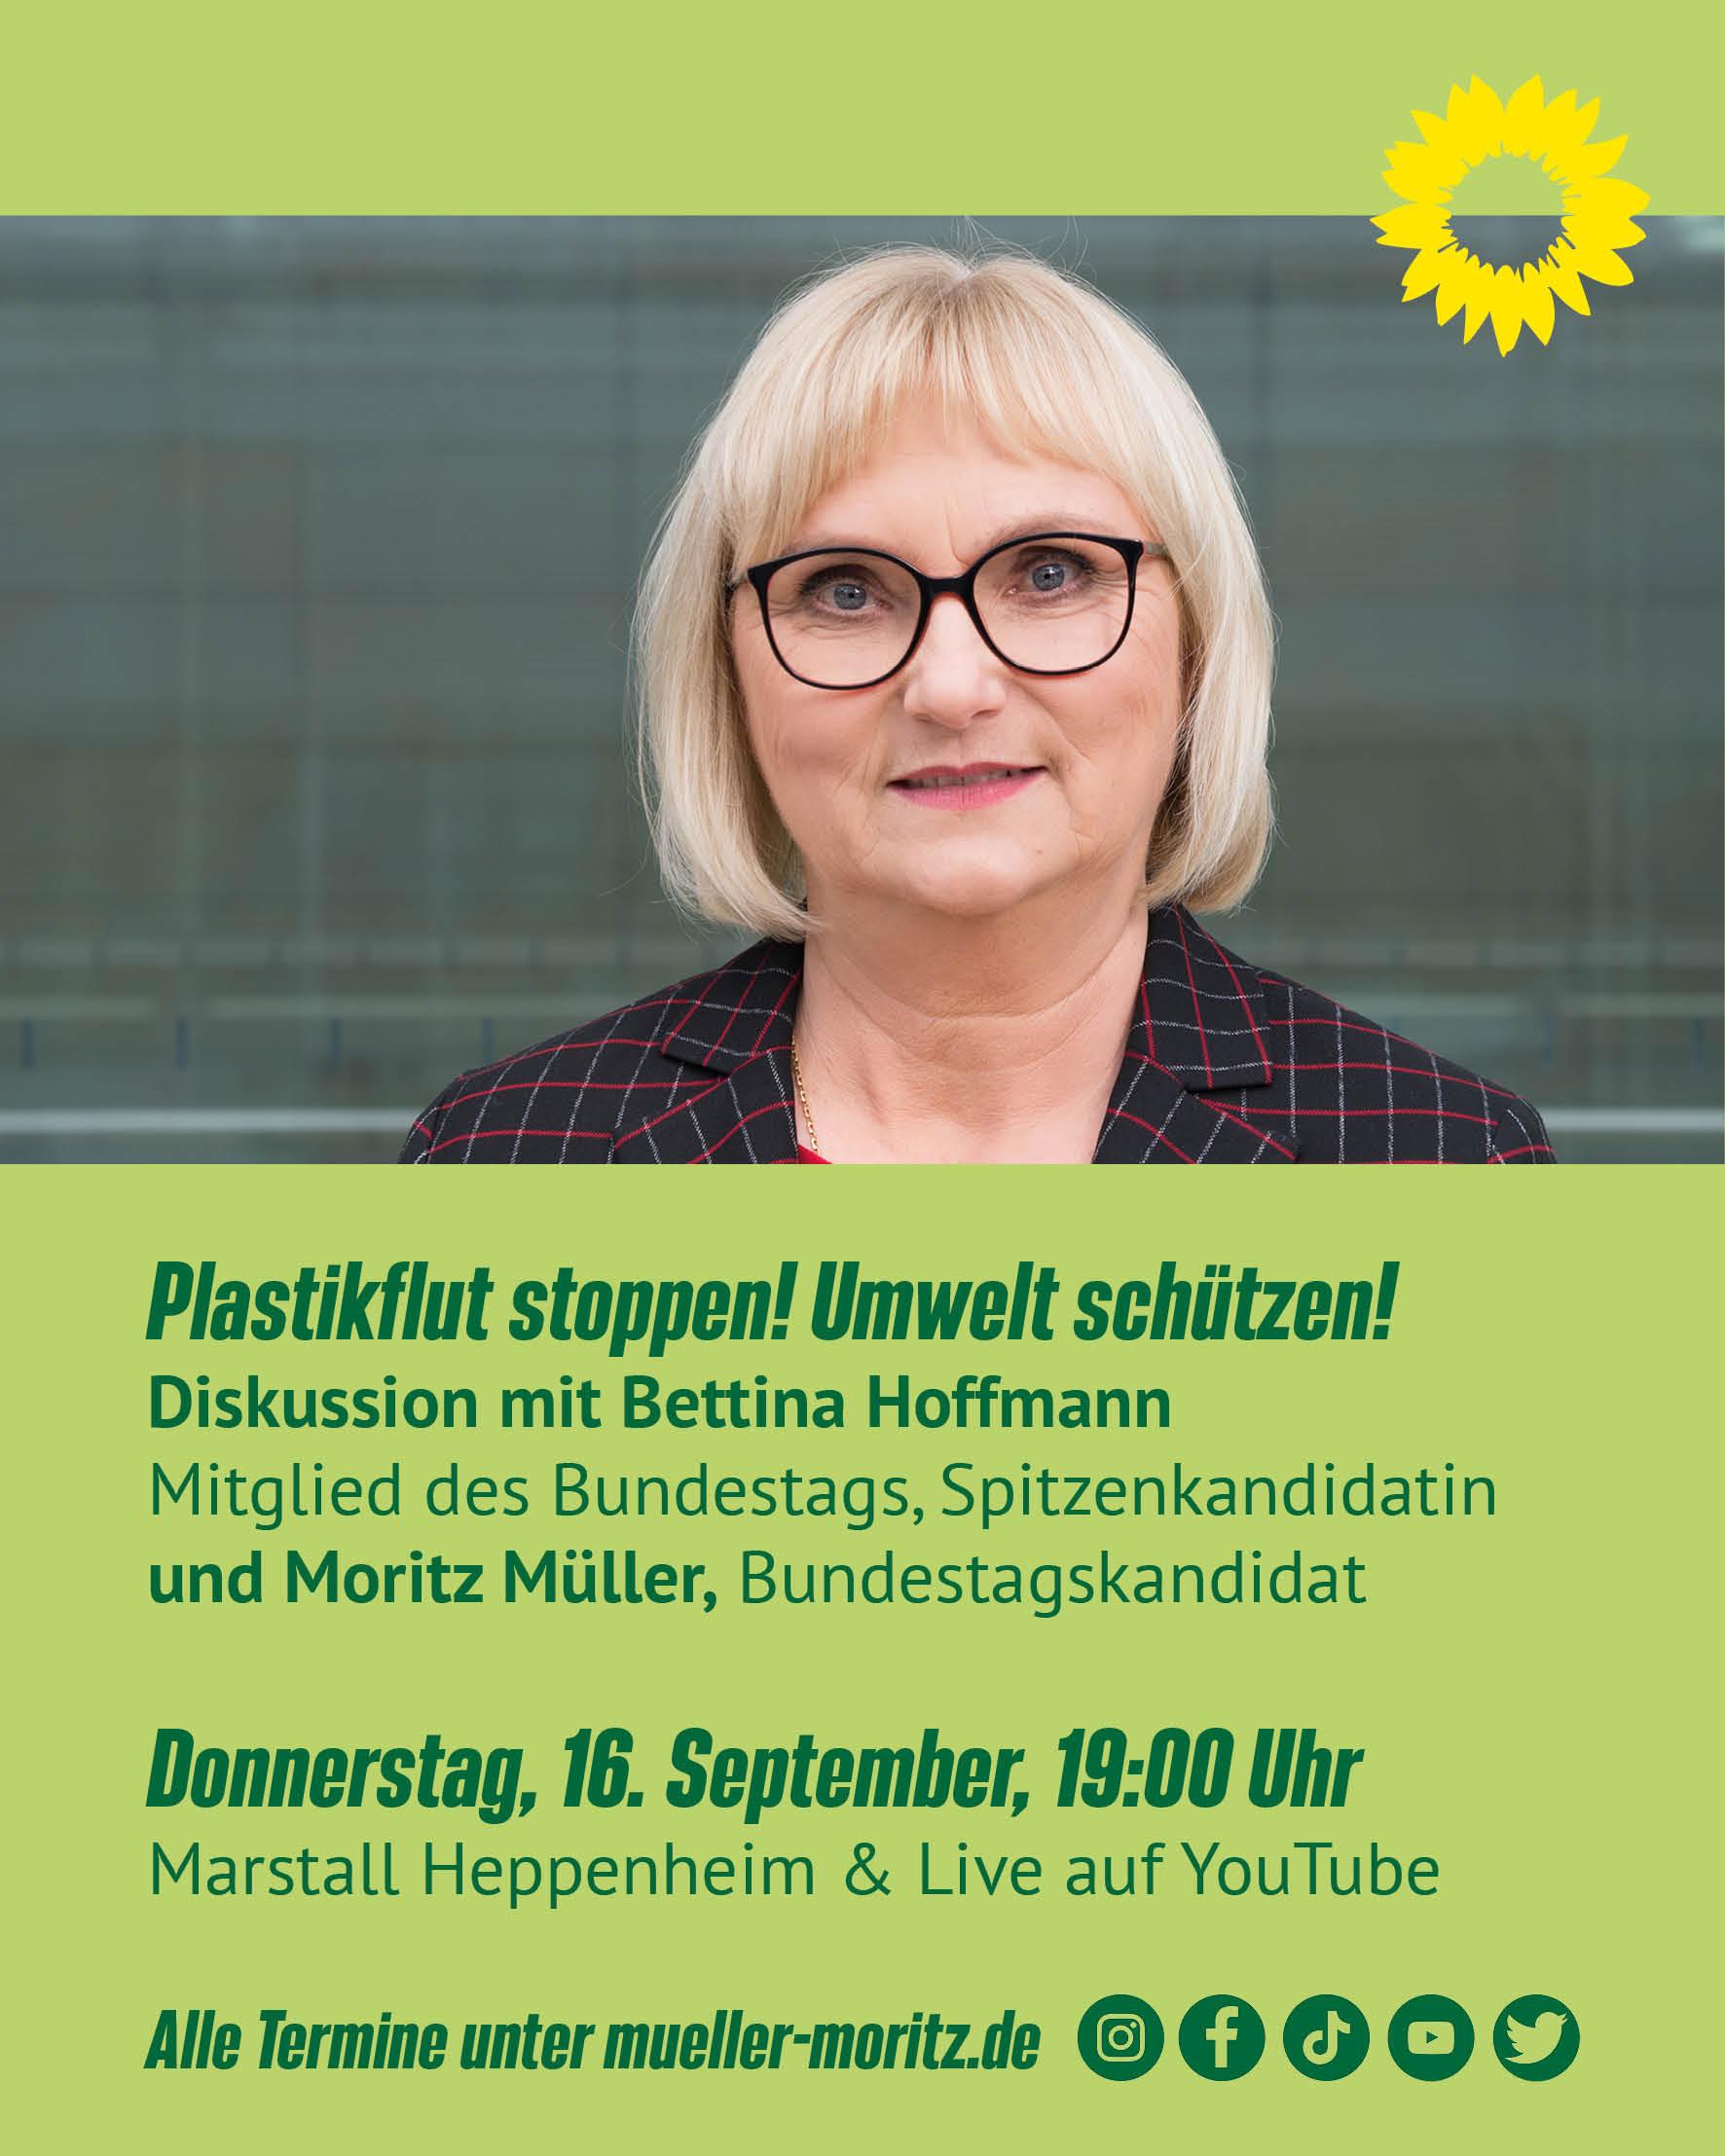 Veranstaltung und Stream 16.9: Plastikflut stoppen! Umwelt schützen!